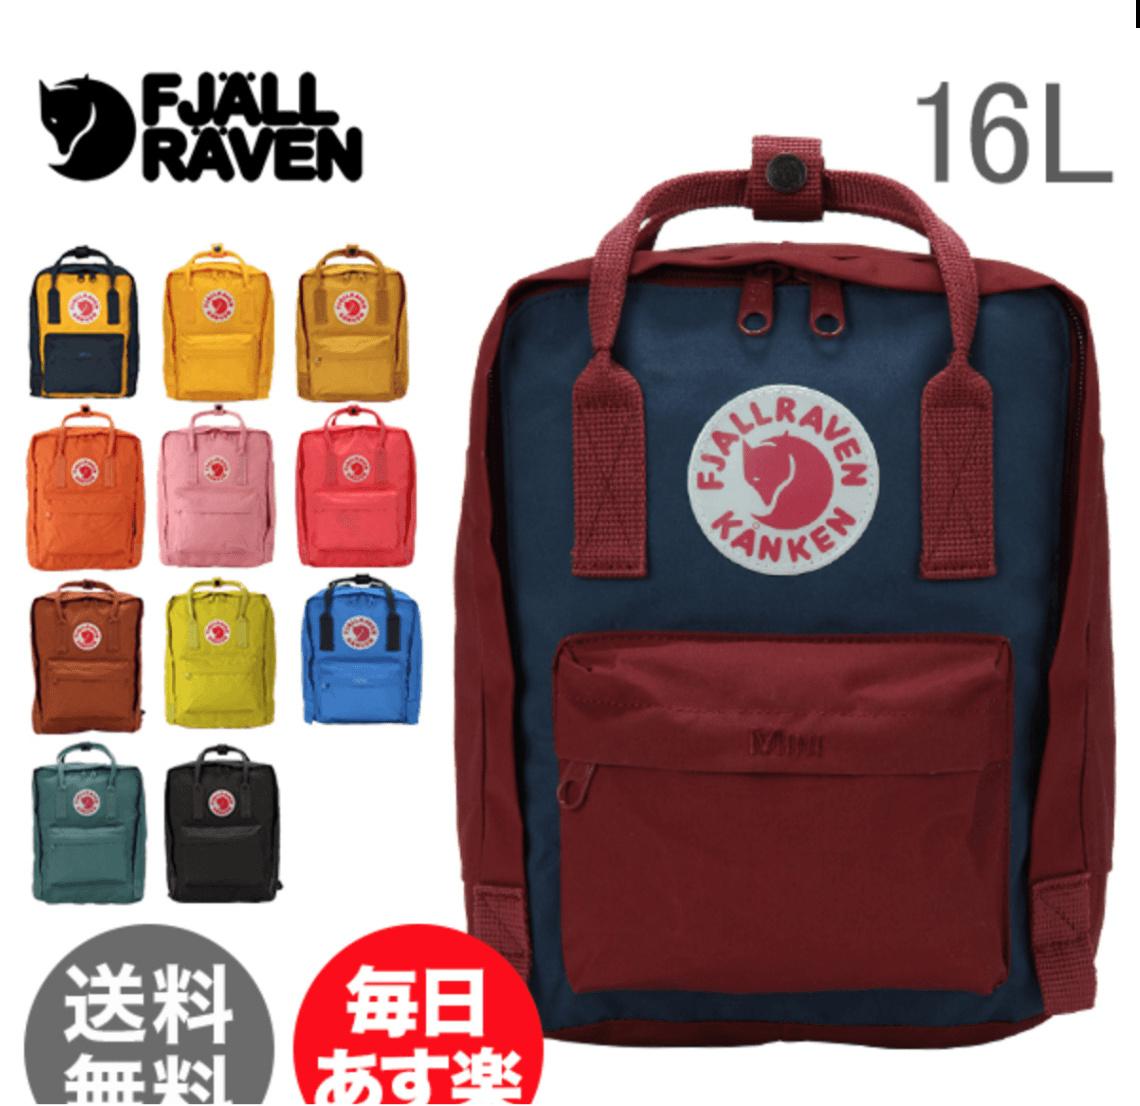 Fjallraven Kanken Backpack Unisex Backpack | Hardwearing Vinylon Fabric |  100% Original | Bag